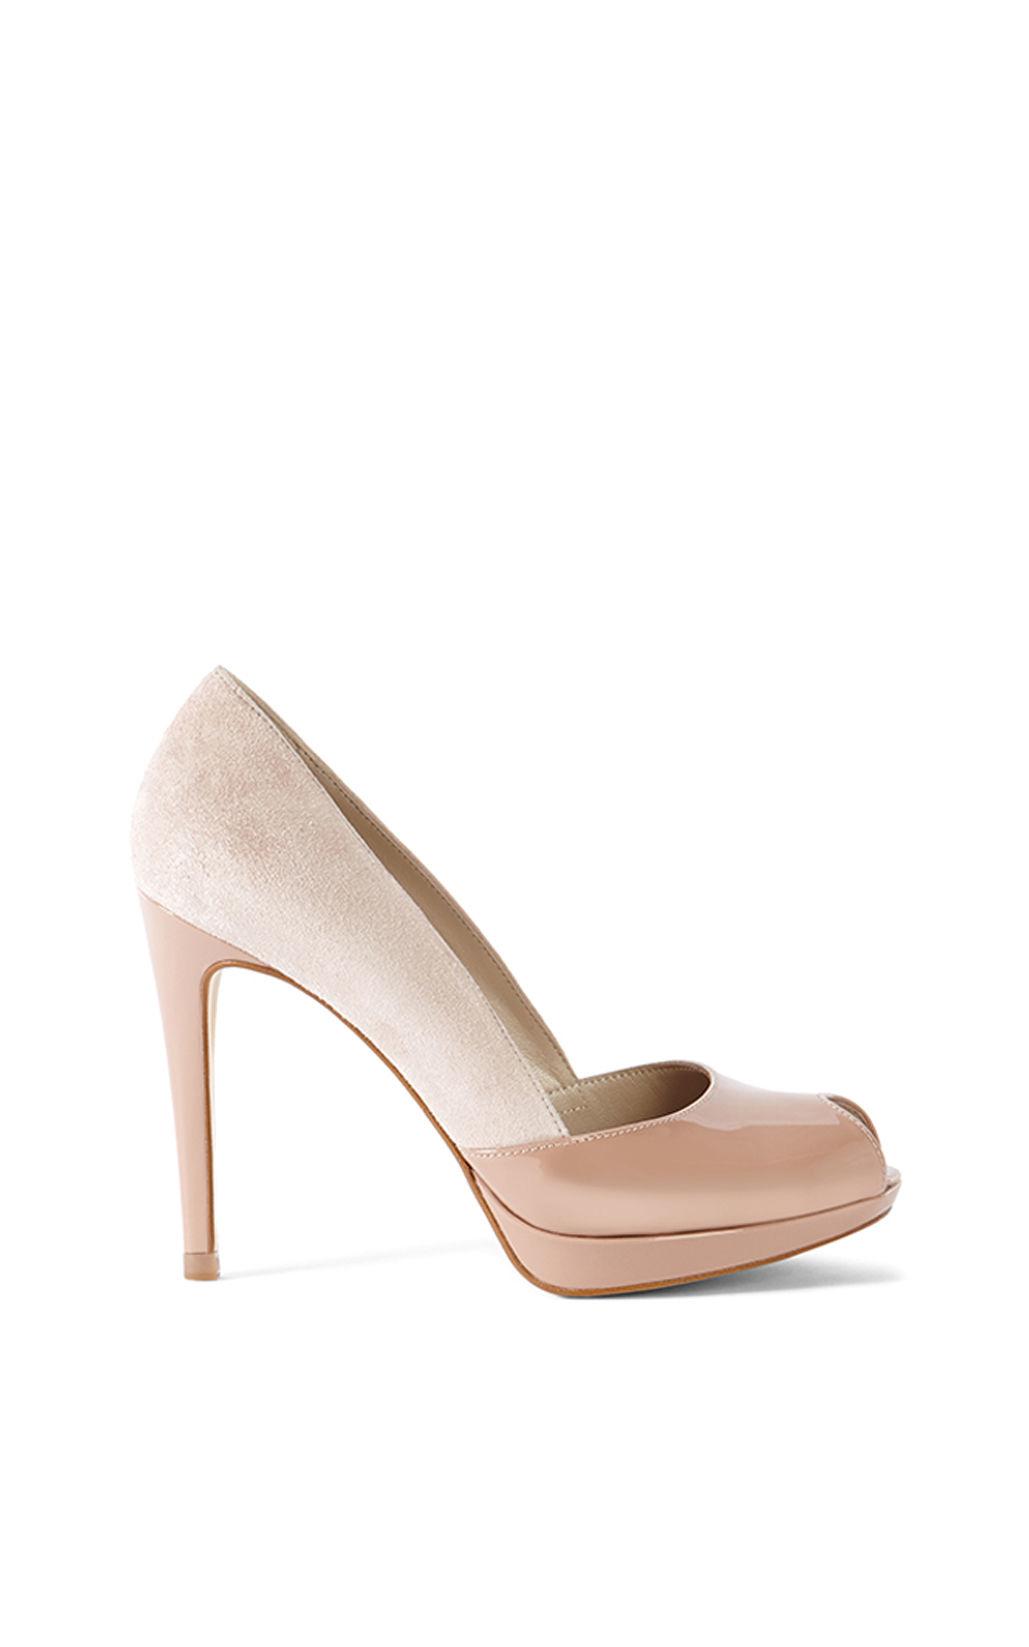 Karen Millen Shoes Sale